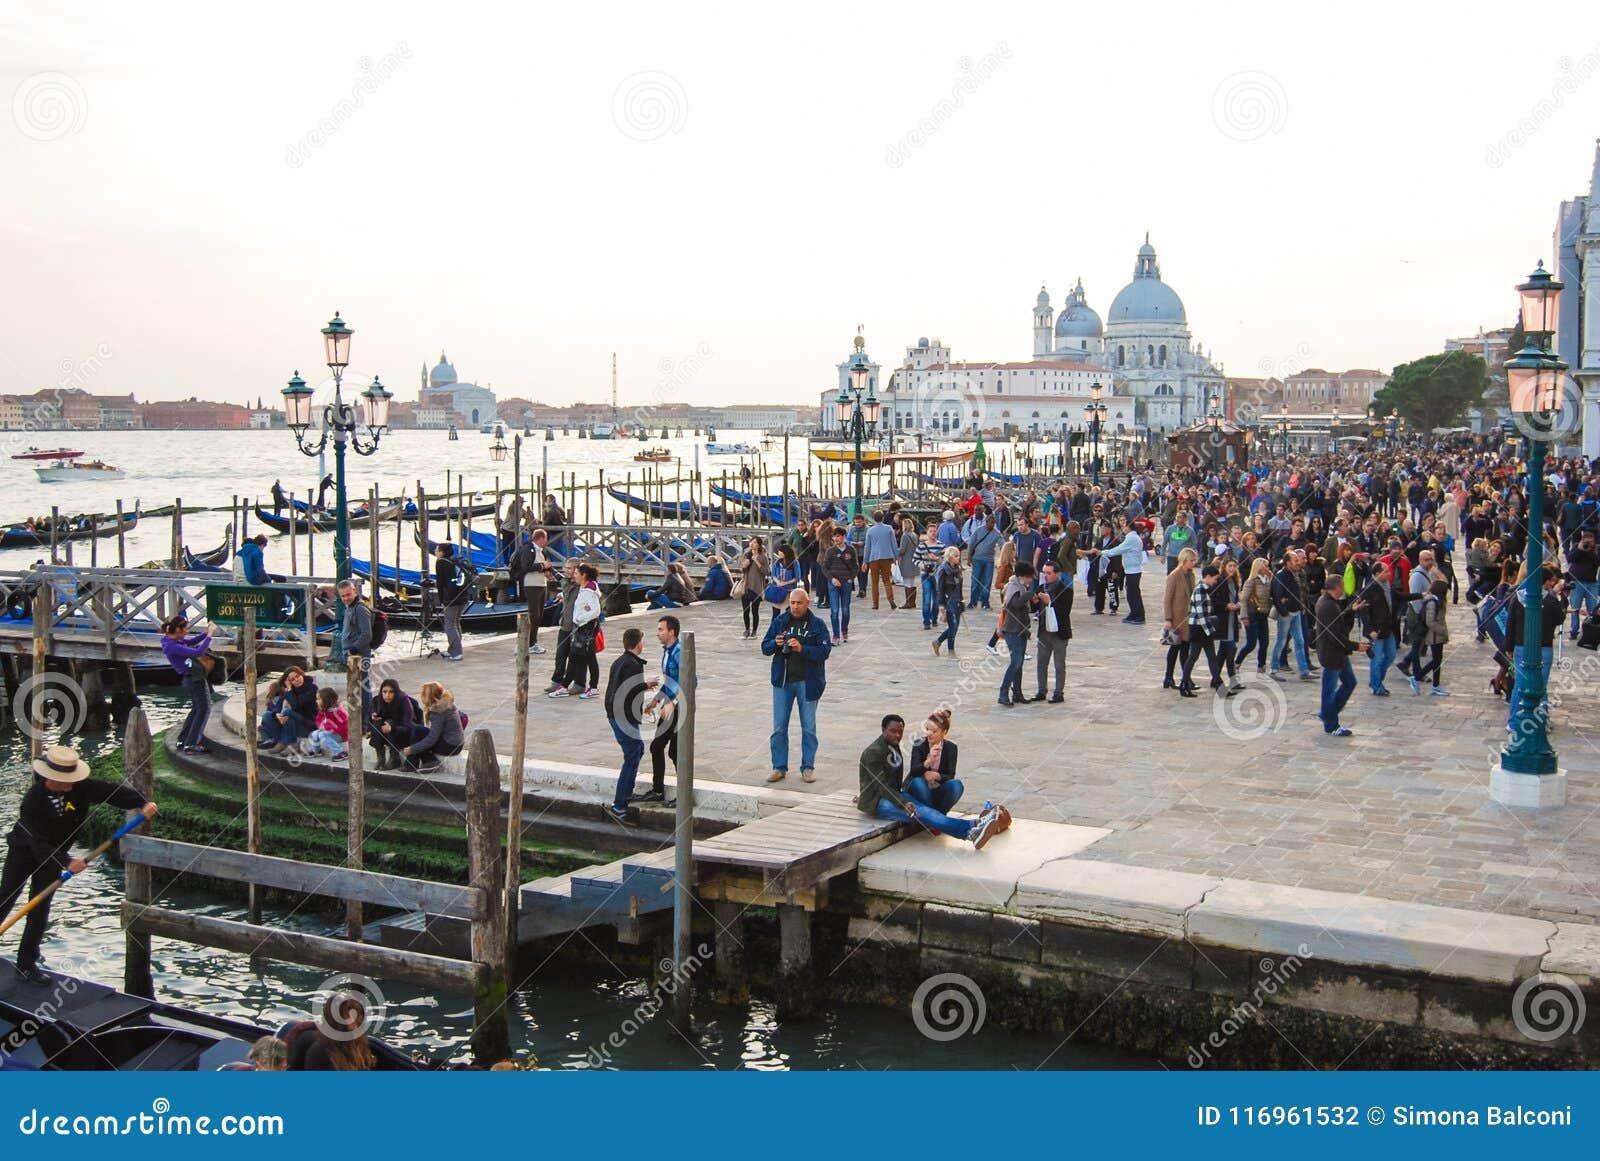 Chiesa di Santa Maria della Salute nel centro di Venezia